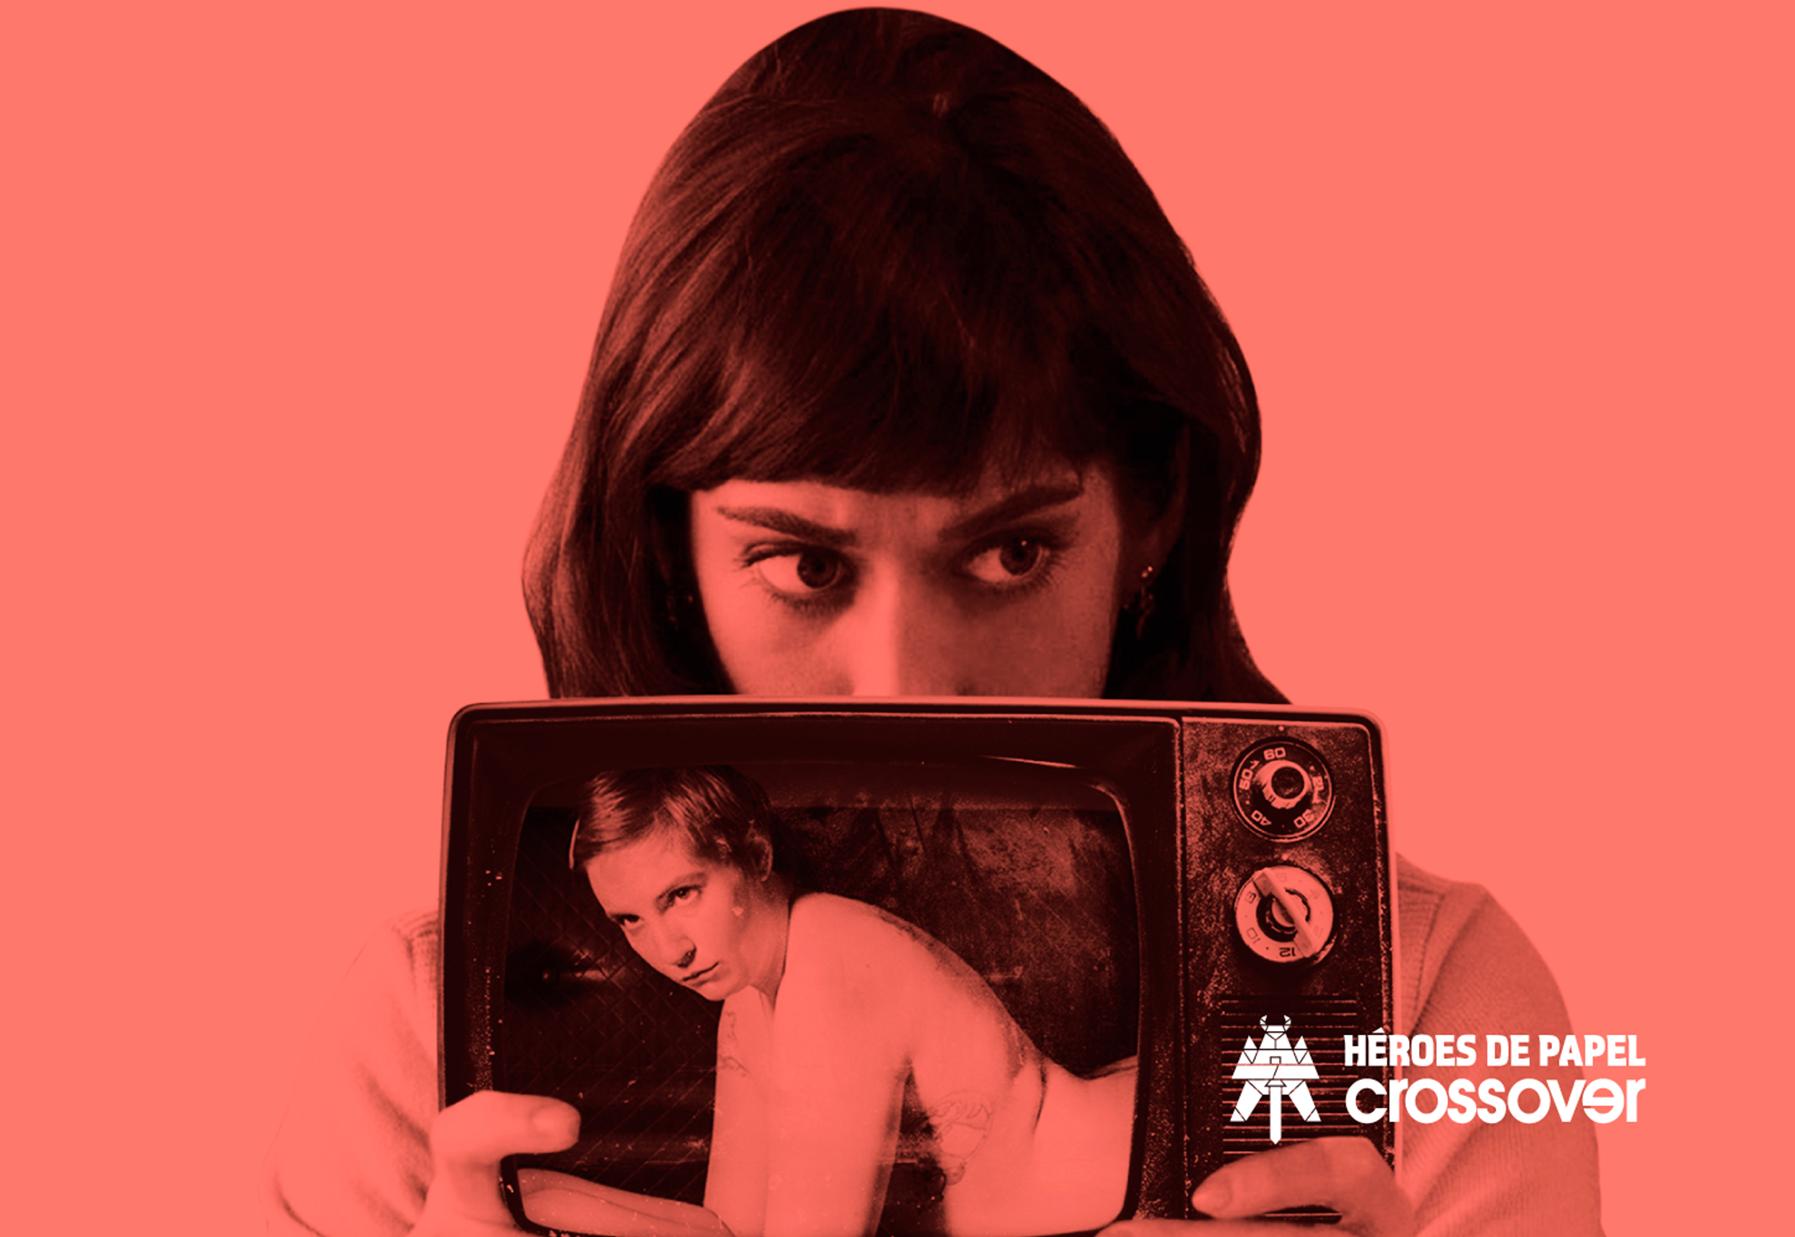 Televisión clitoriana: ¿Cómo reflejan las series la sexualidad femenina?